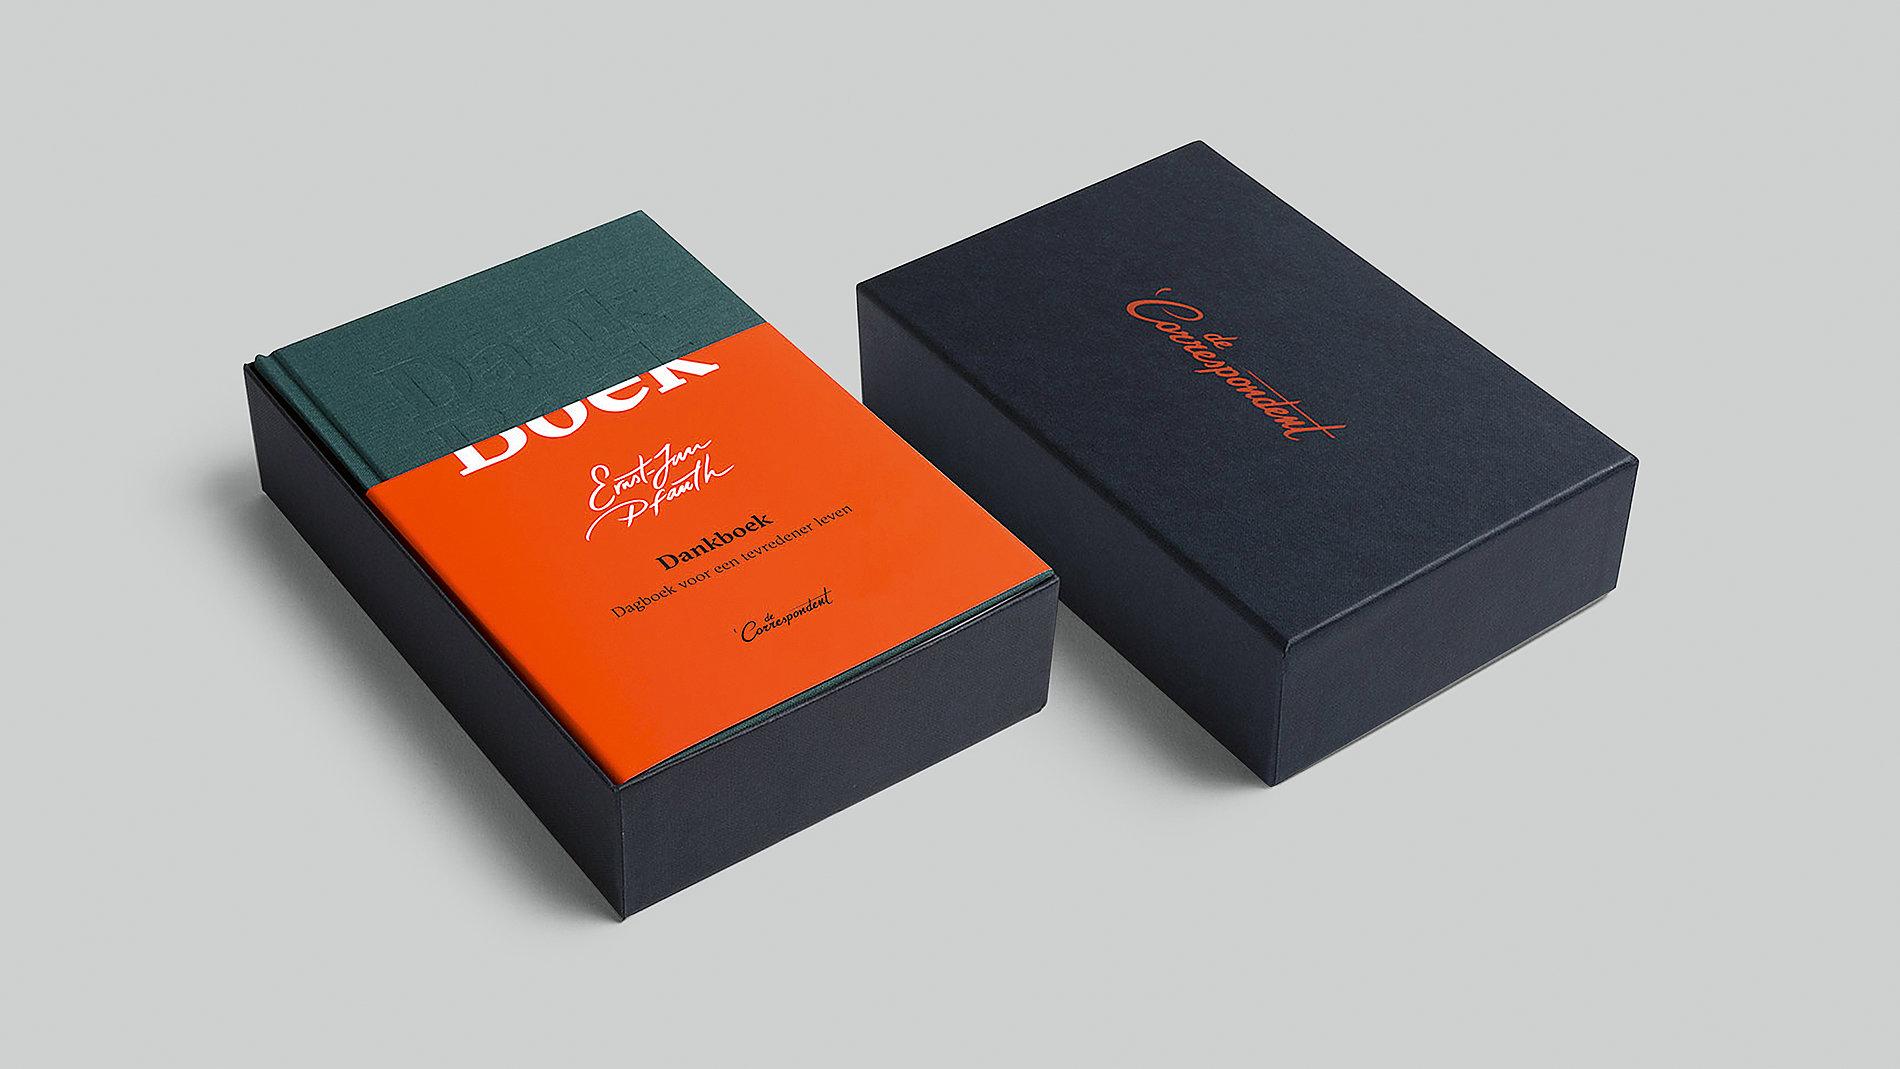 De Correspondent Dankboek | Red Dot Design Award